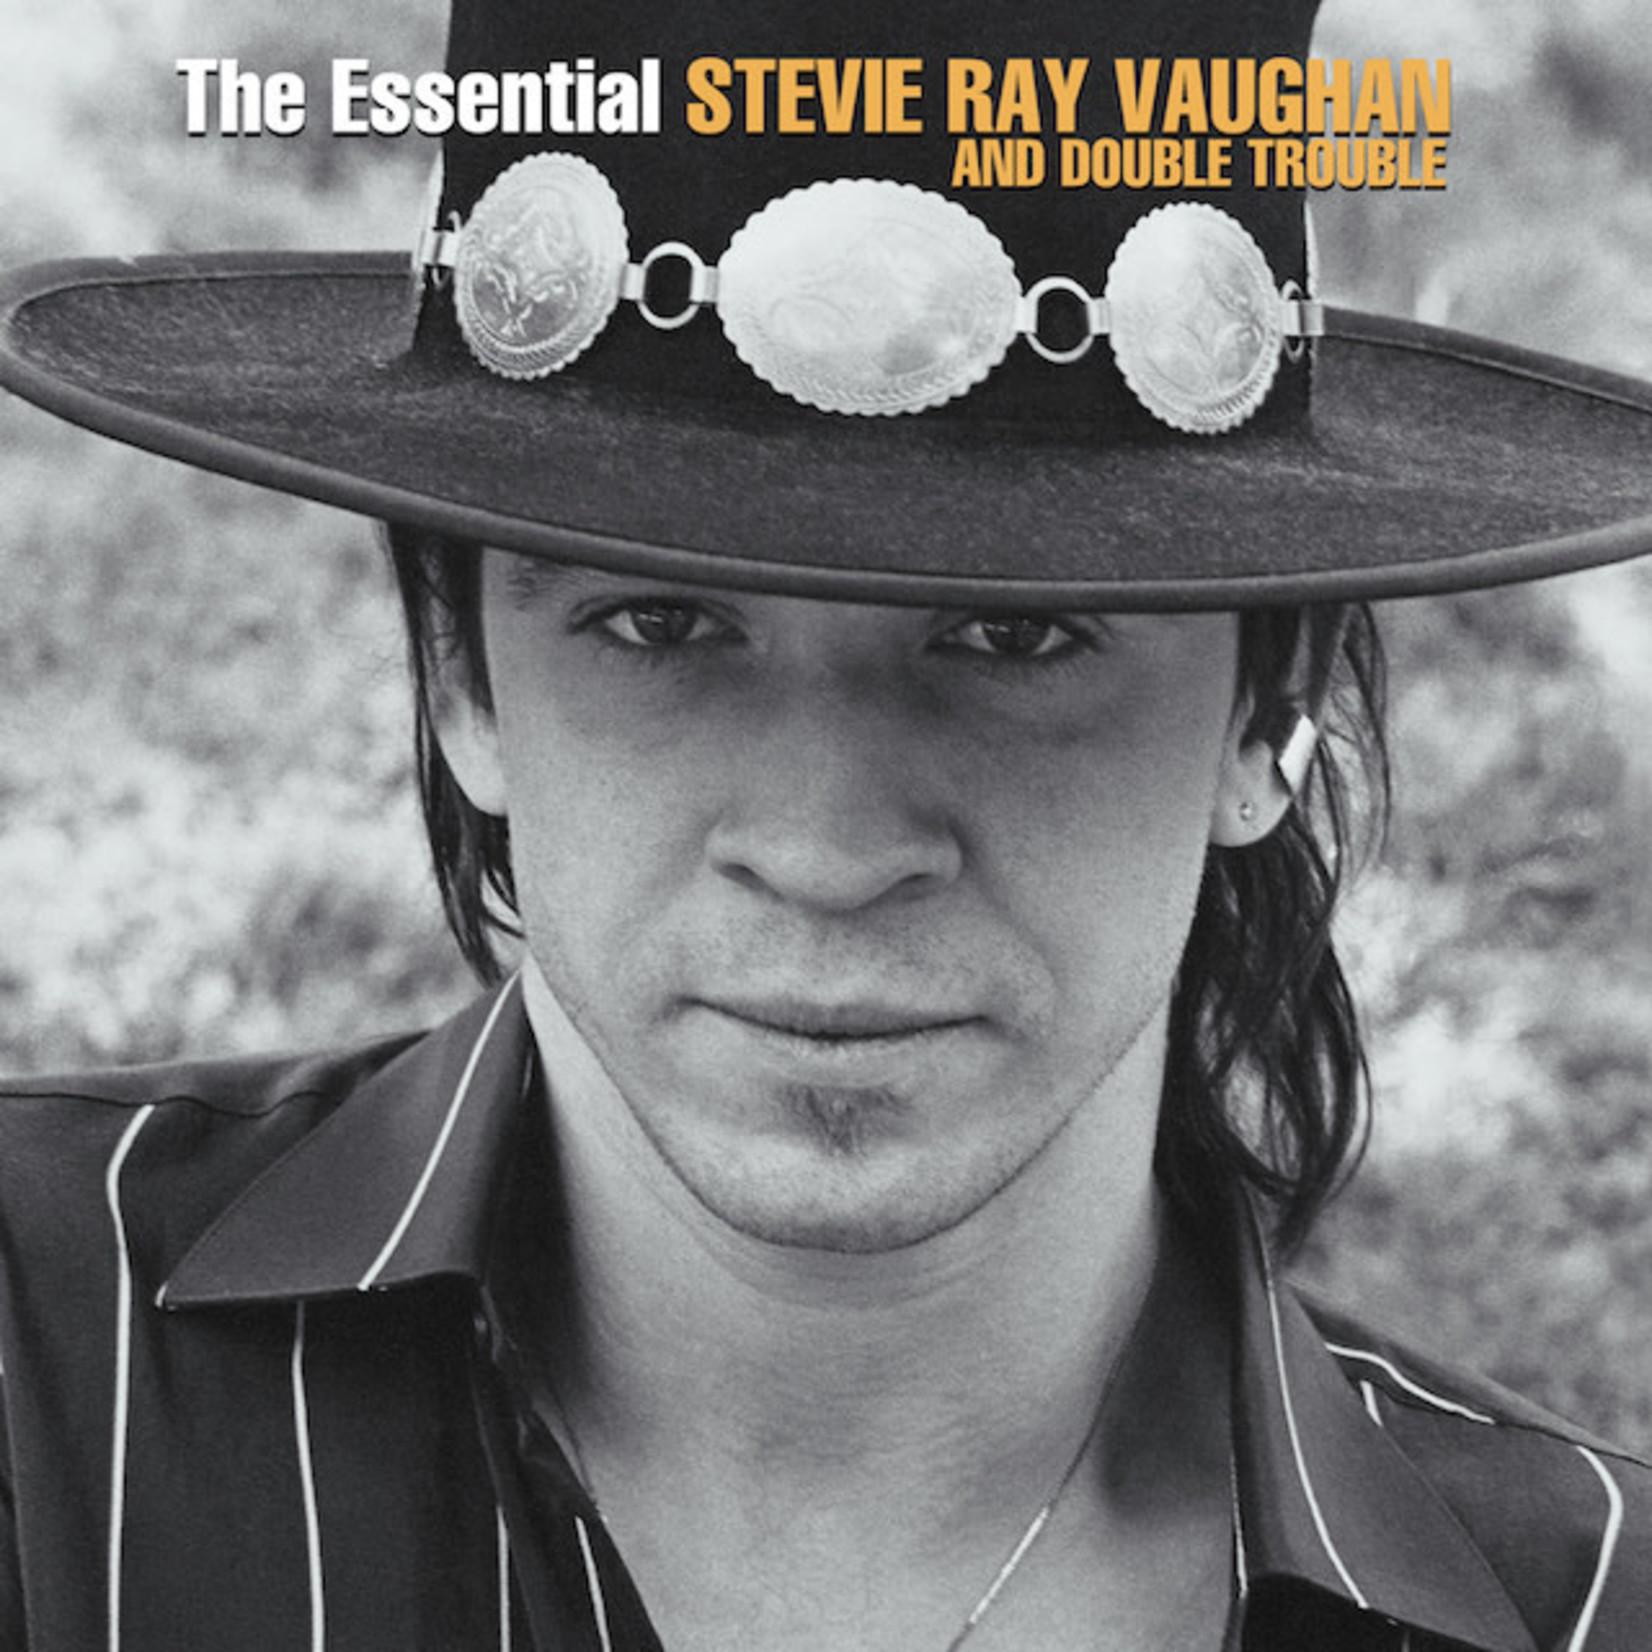 Vinyl Stevie Ray Vaughan - Essential